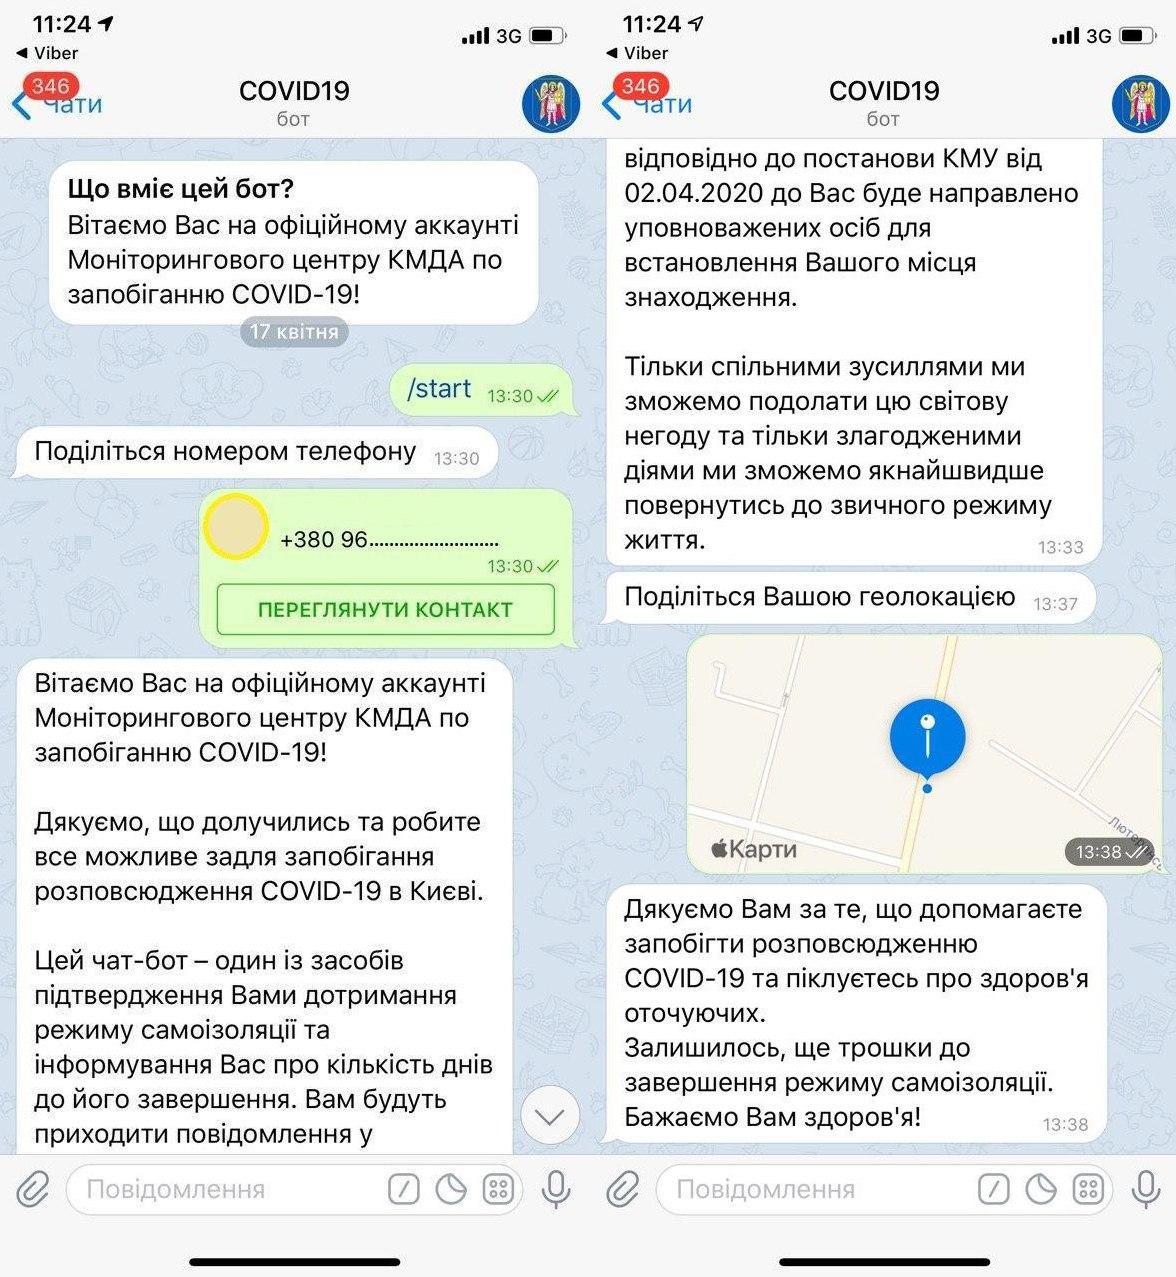 У Києві запустили Telegram-бот для дистанційного контролю за дотриманням самоізоляції -  - 5321